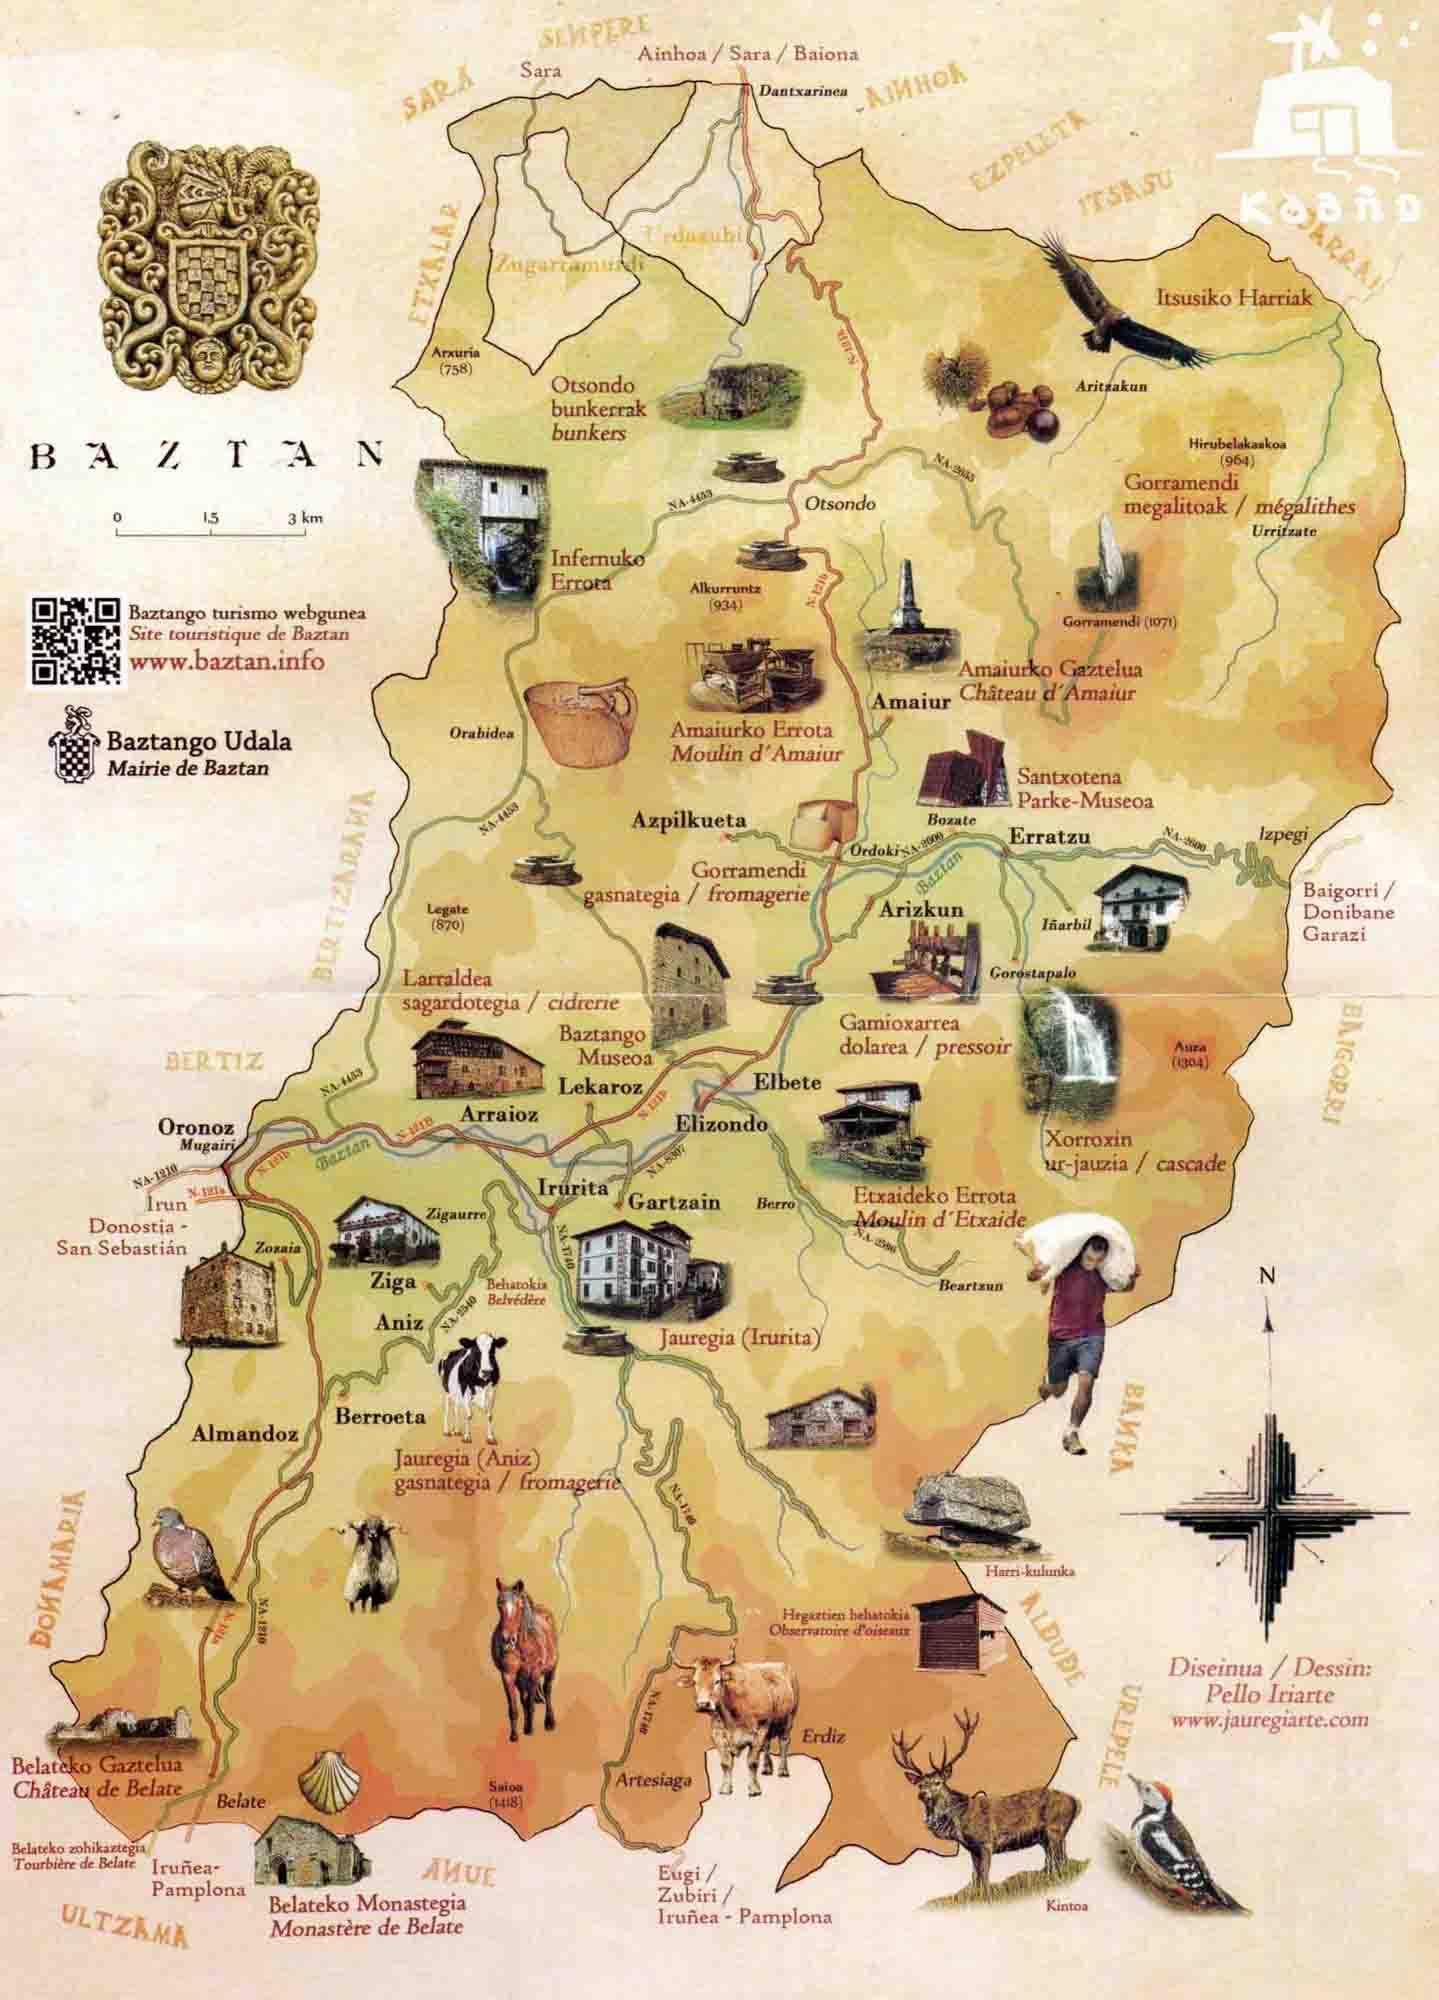 casa rural ecológica Kaaño etxea - mapa recursos Baztán por sus pueblos : Almandoz Berroeta, Aniz,Ziga Oronoz Mugaire, Arraioz, Lekaroz Irurita, Gartzain, Elizondo, Elbetea, Apikuleta, Arizkun, Errazu, Gorostapalo, Amaiur, Urdax, Zugarramurdi, Urdazubi